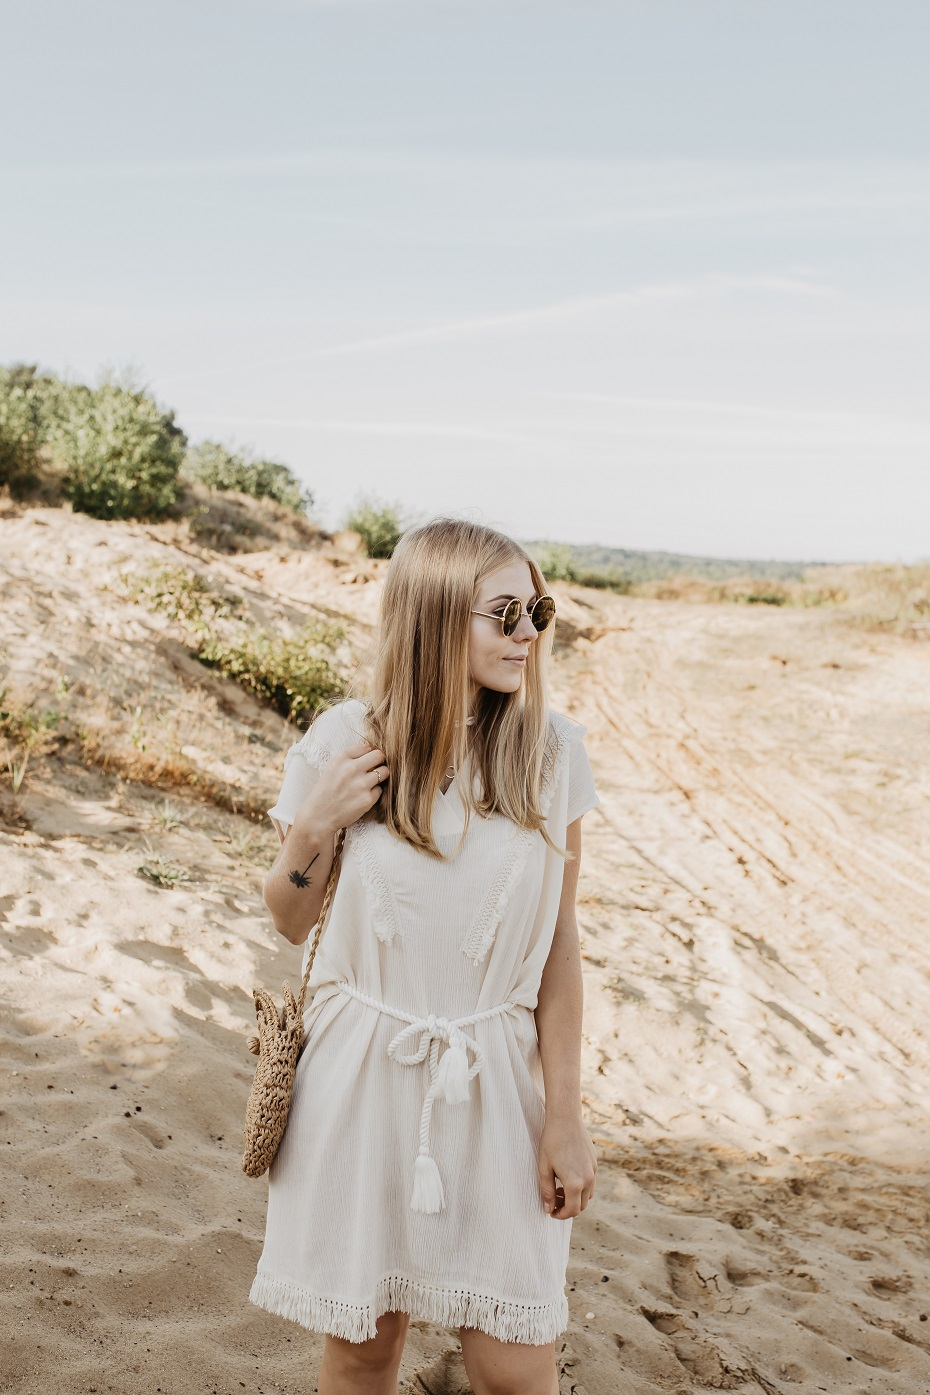 sukienki letnie fashion